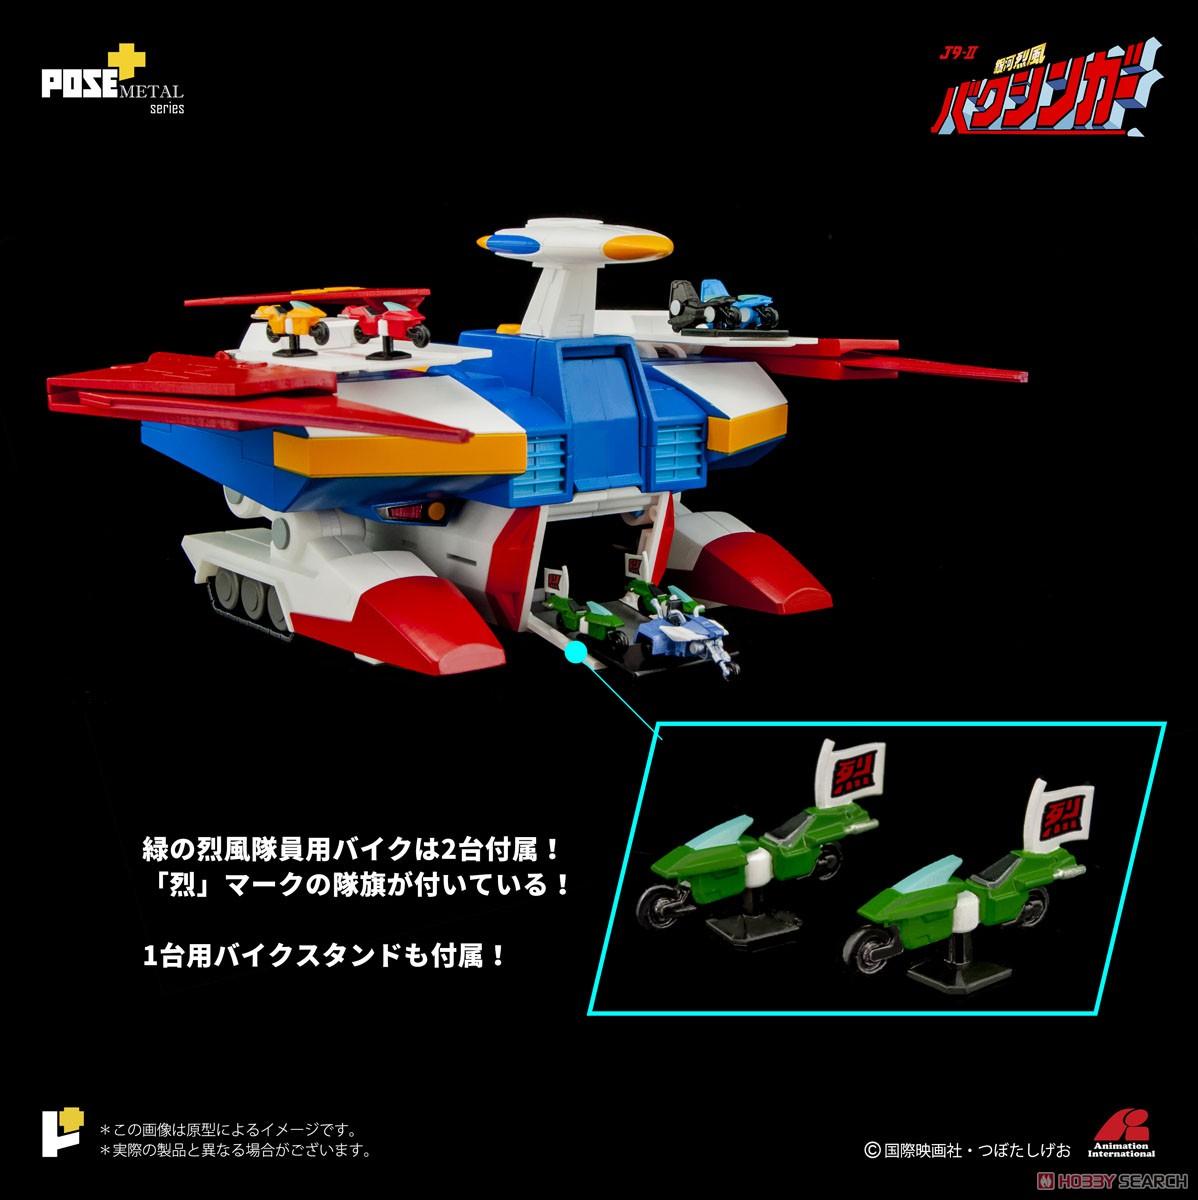 POSE+メタル『P+02B 移動基地バクシンバード』可変可動フィギュア-011